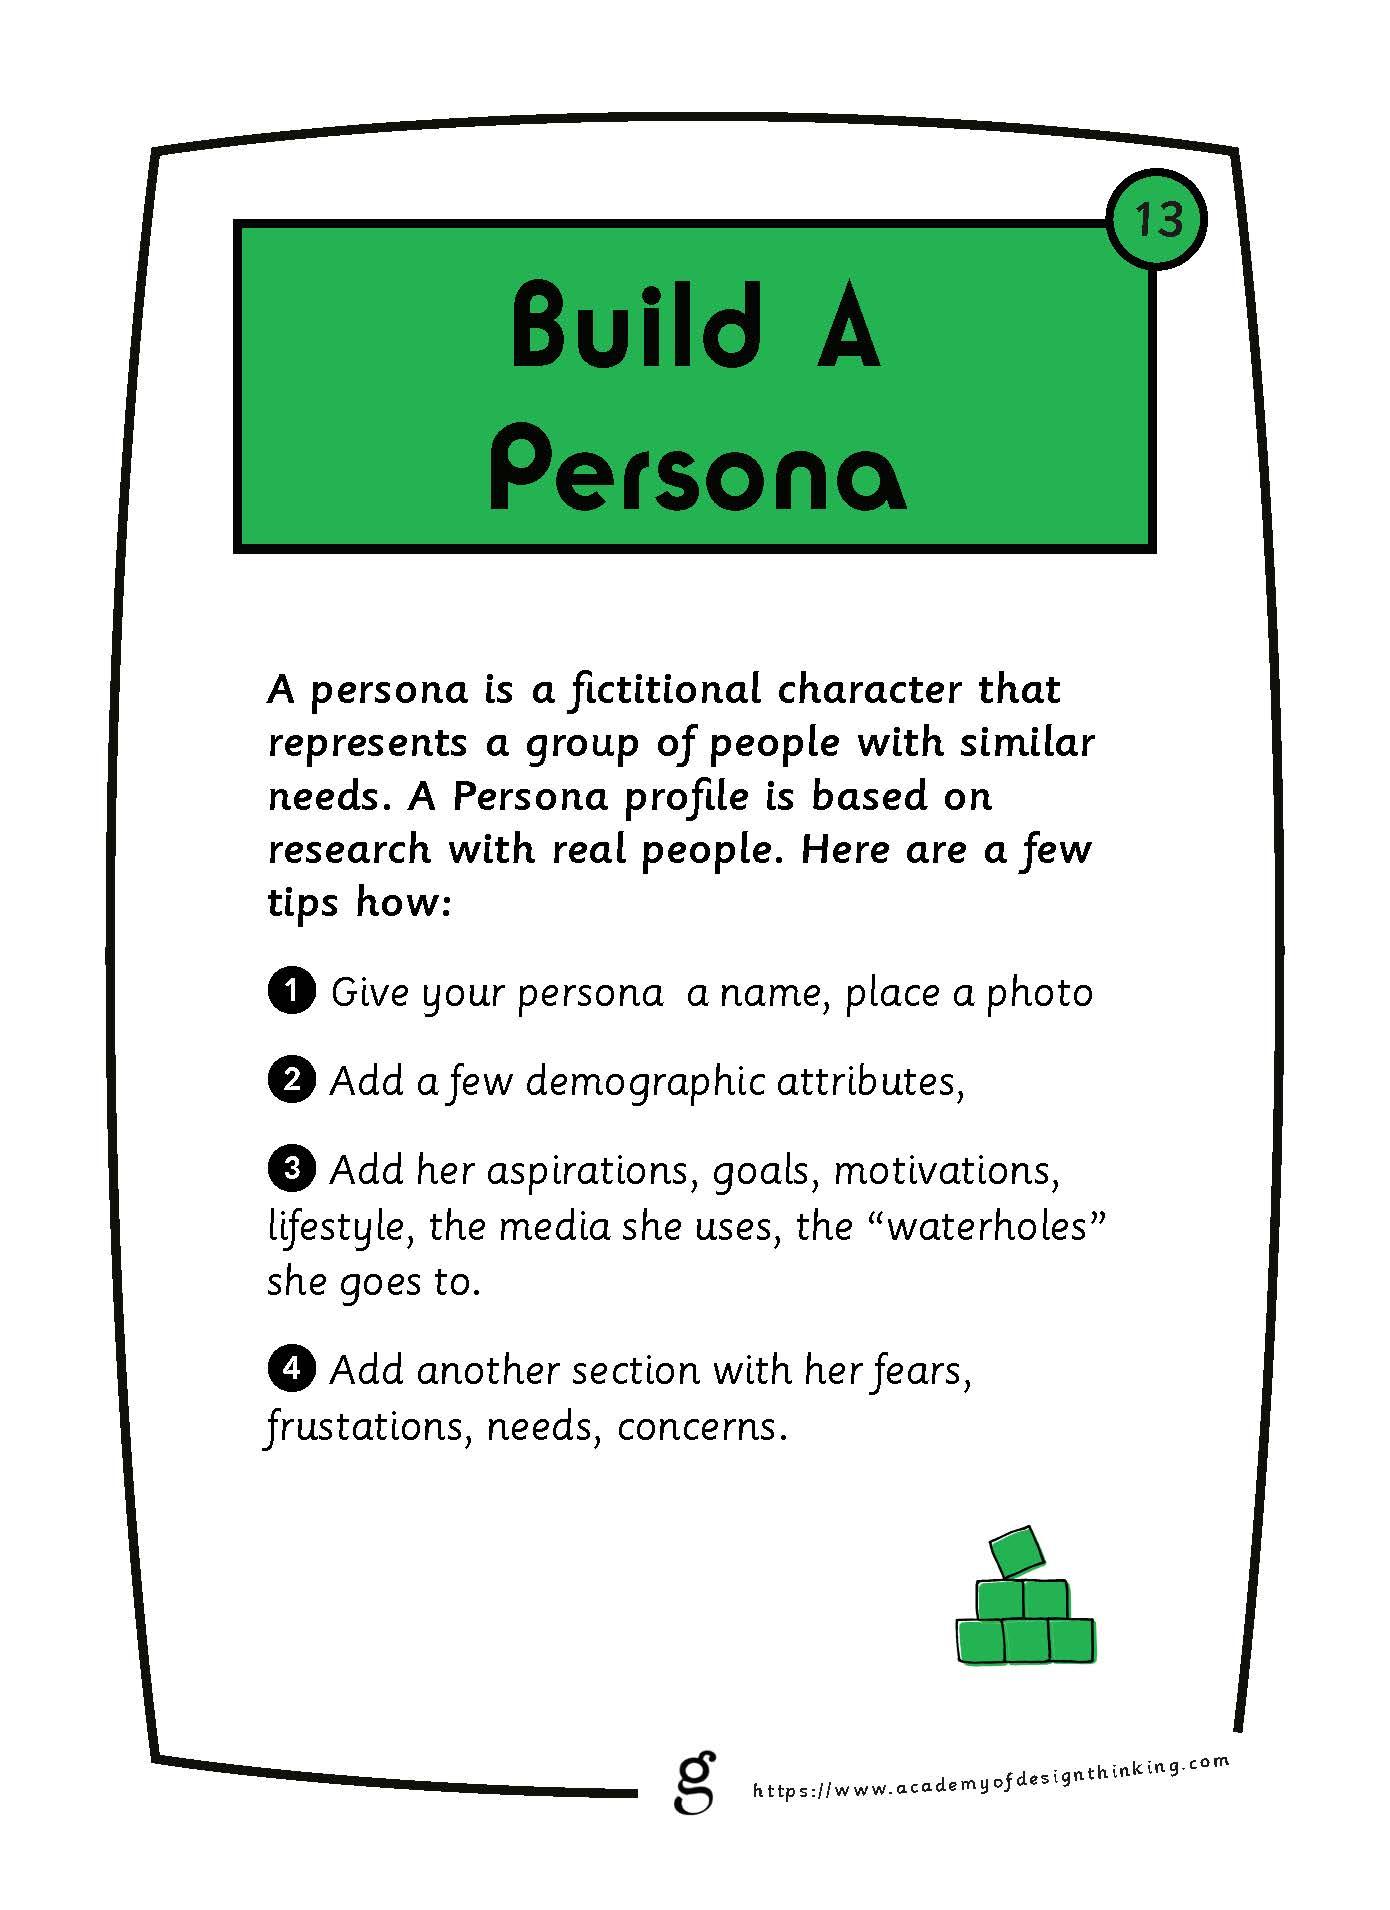 Build a Persona